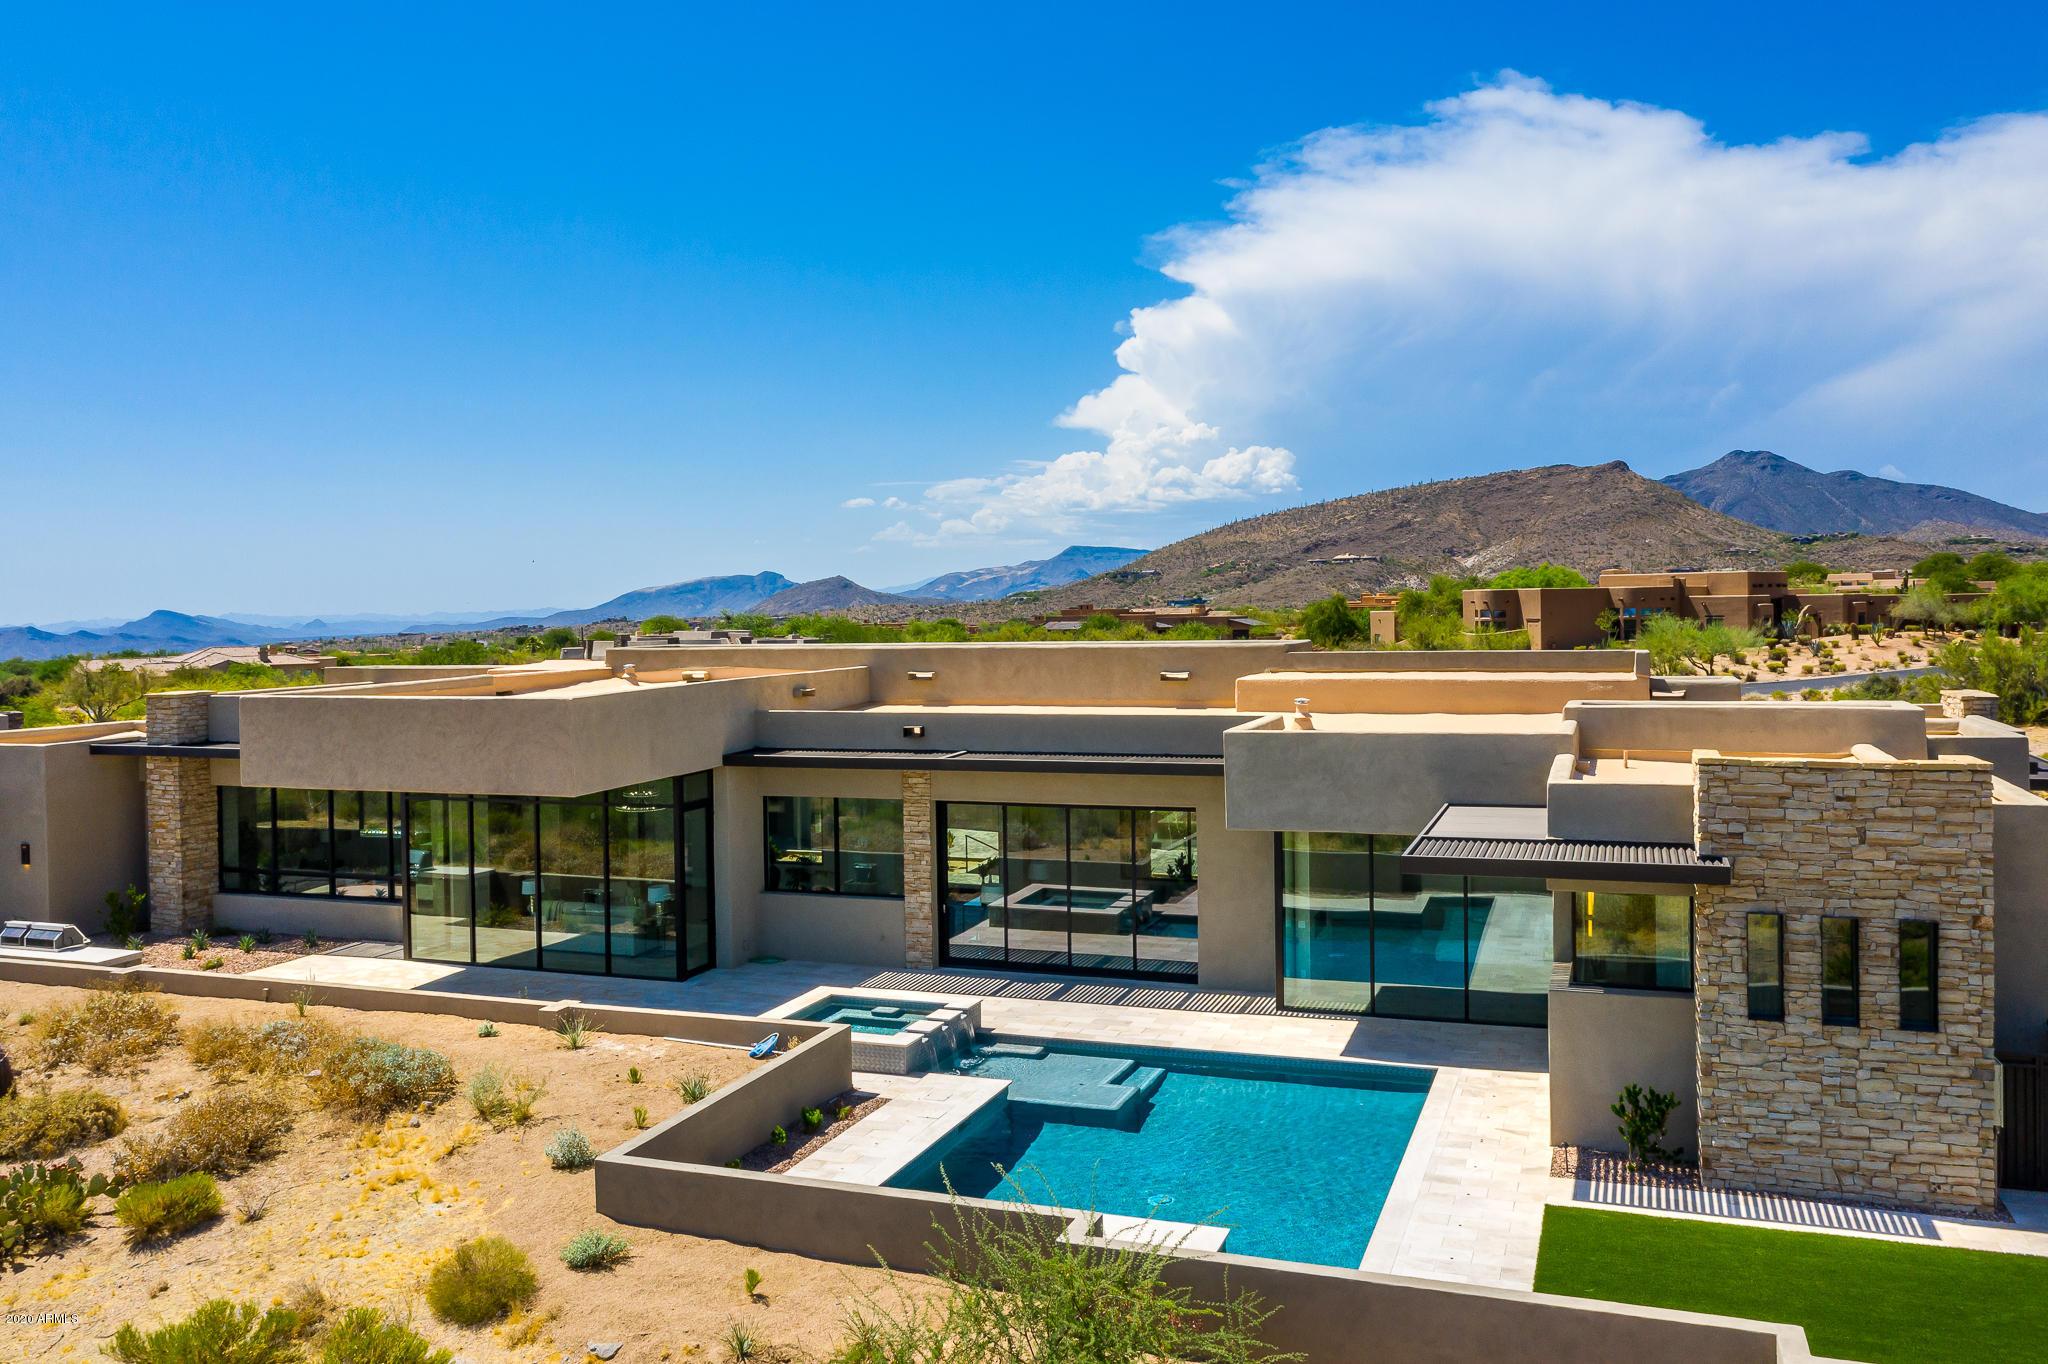 MLS 6134565 8299 E WHISPER ROCK Trail, Scottsdale, AZ 85266 Scottsdale AZ Private Pool